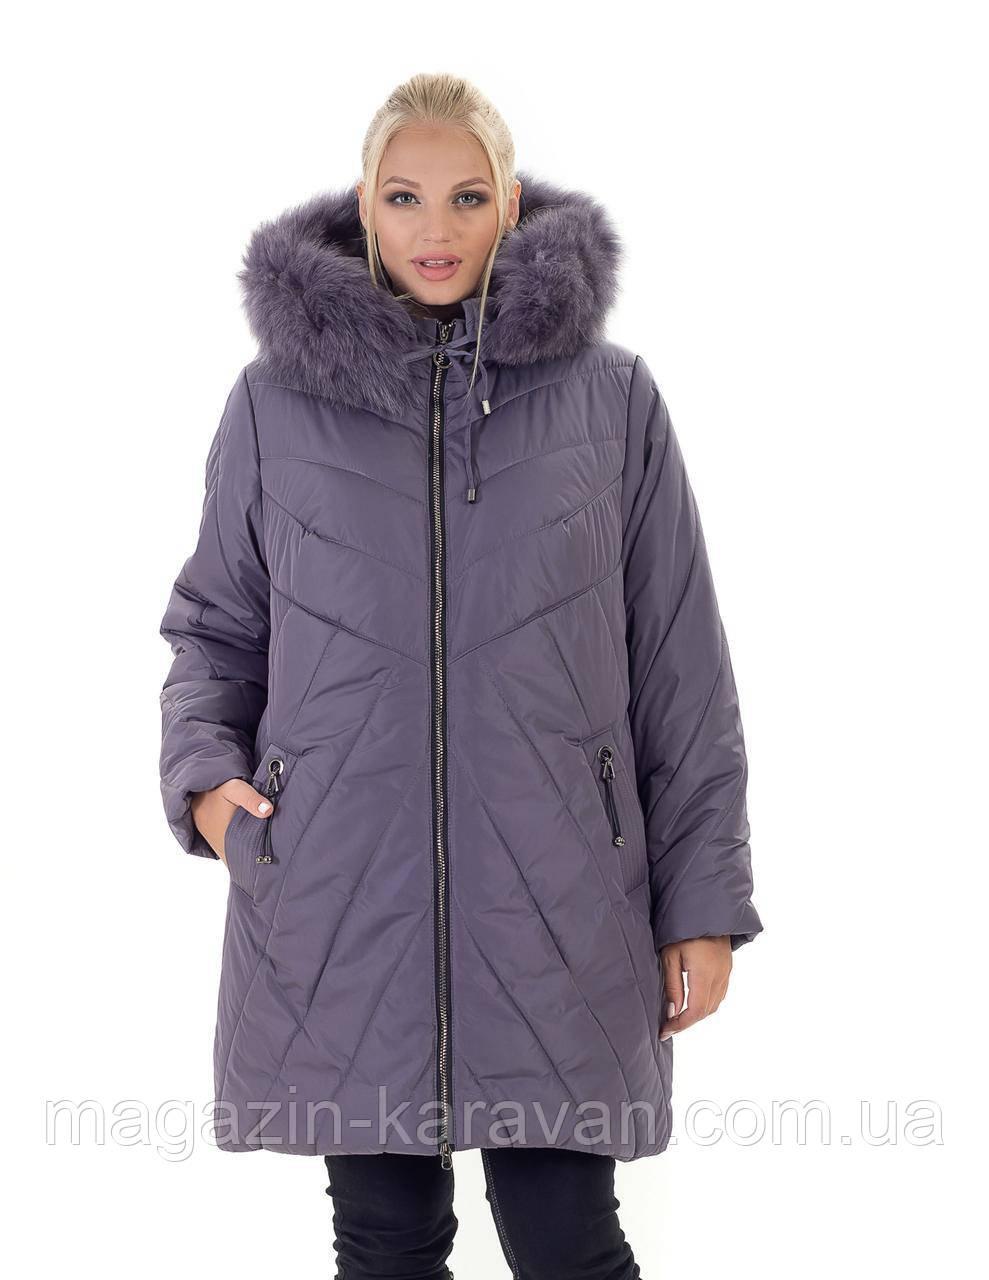 Женская теплая куртка с натуральным мехом (56-70)